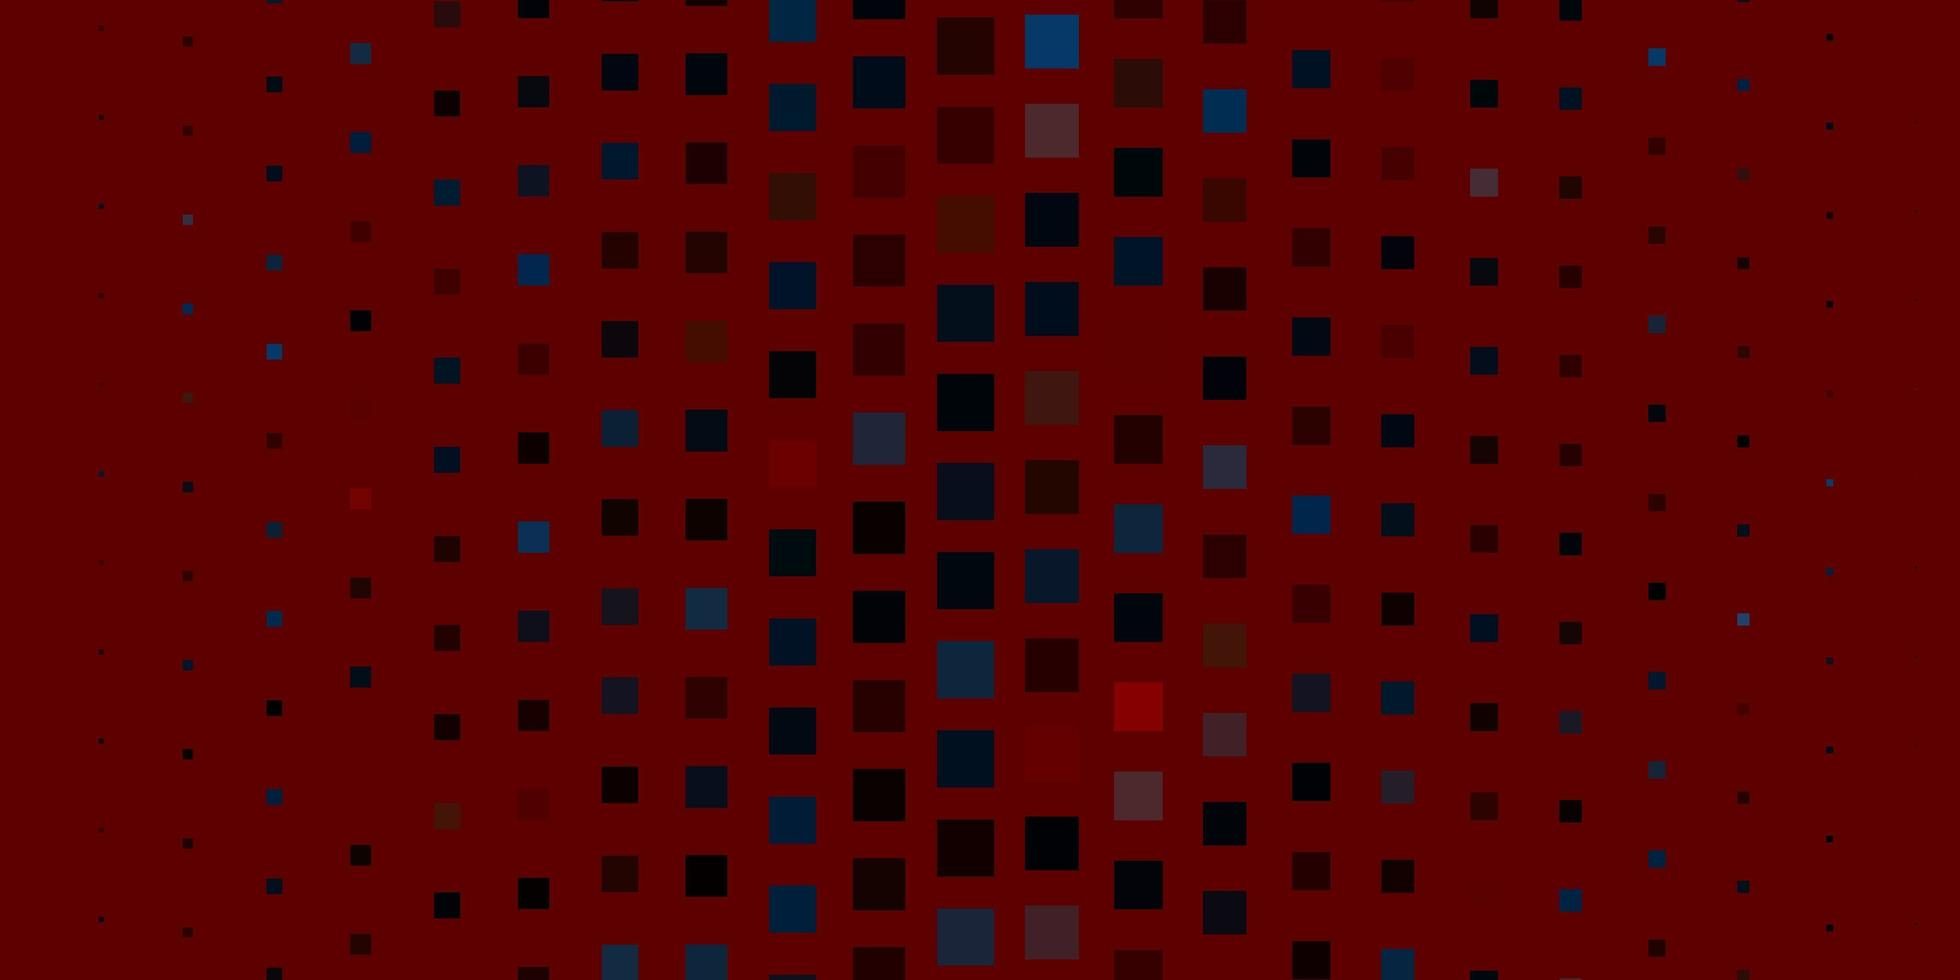 fundo vermelho com retângulos. vetor